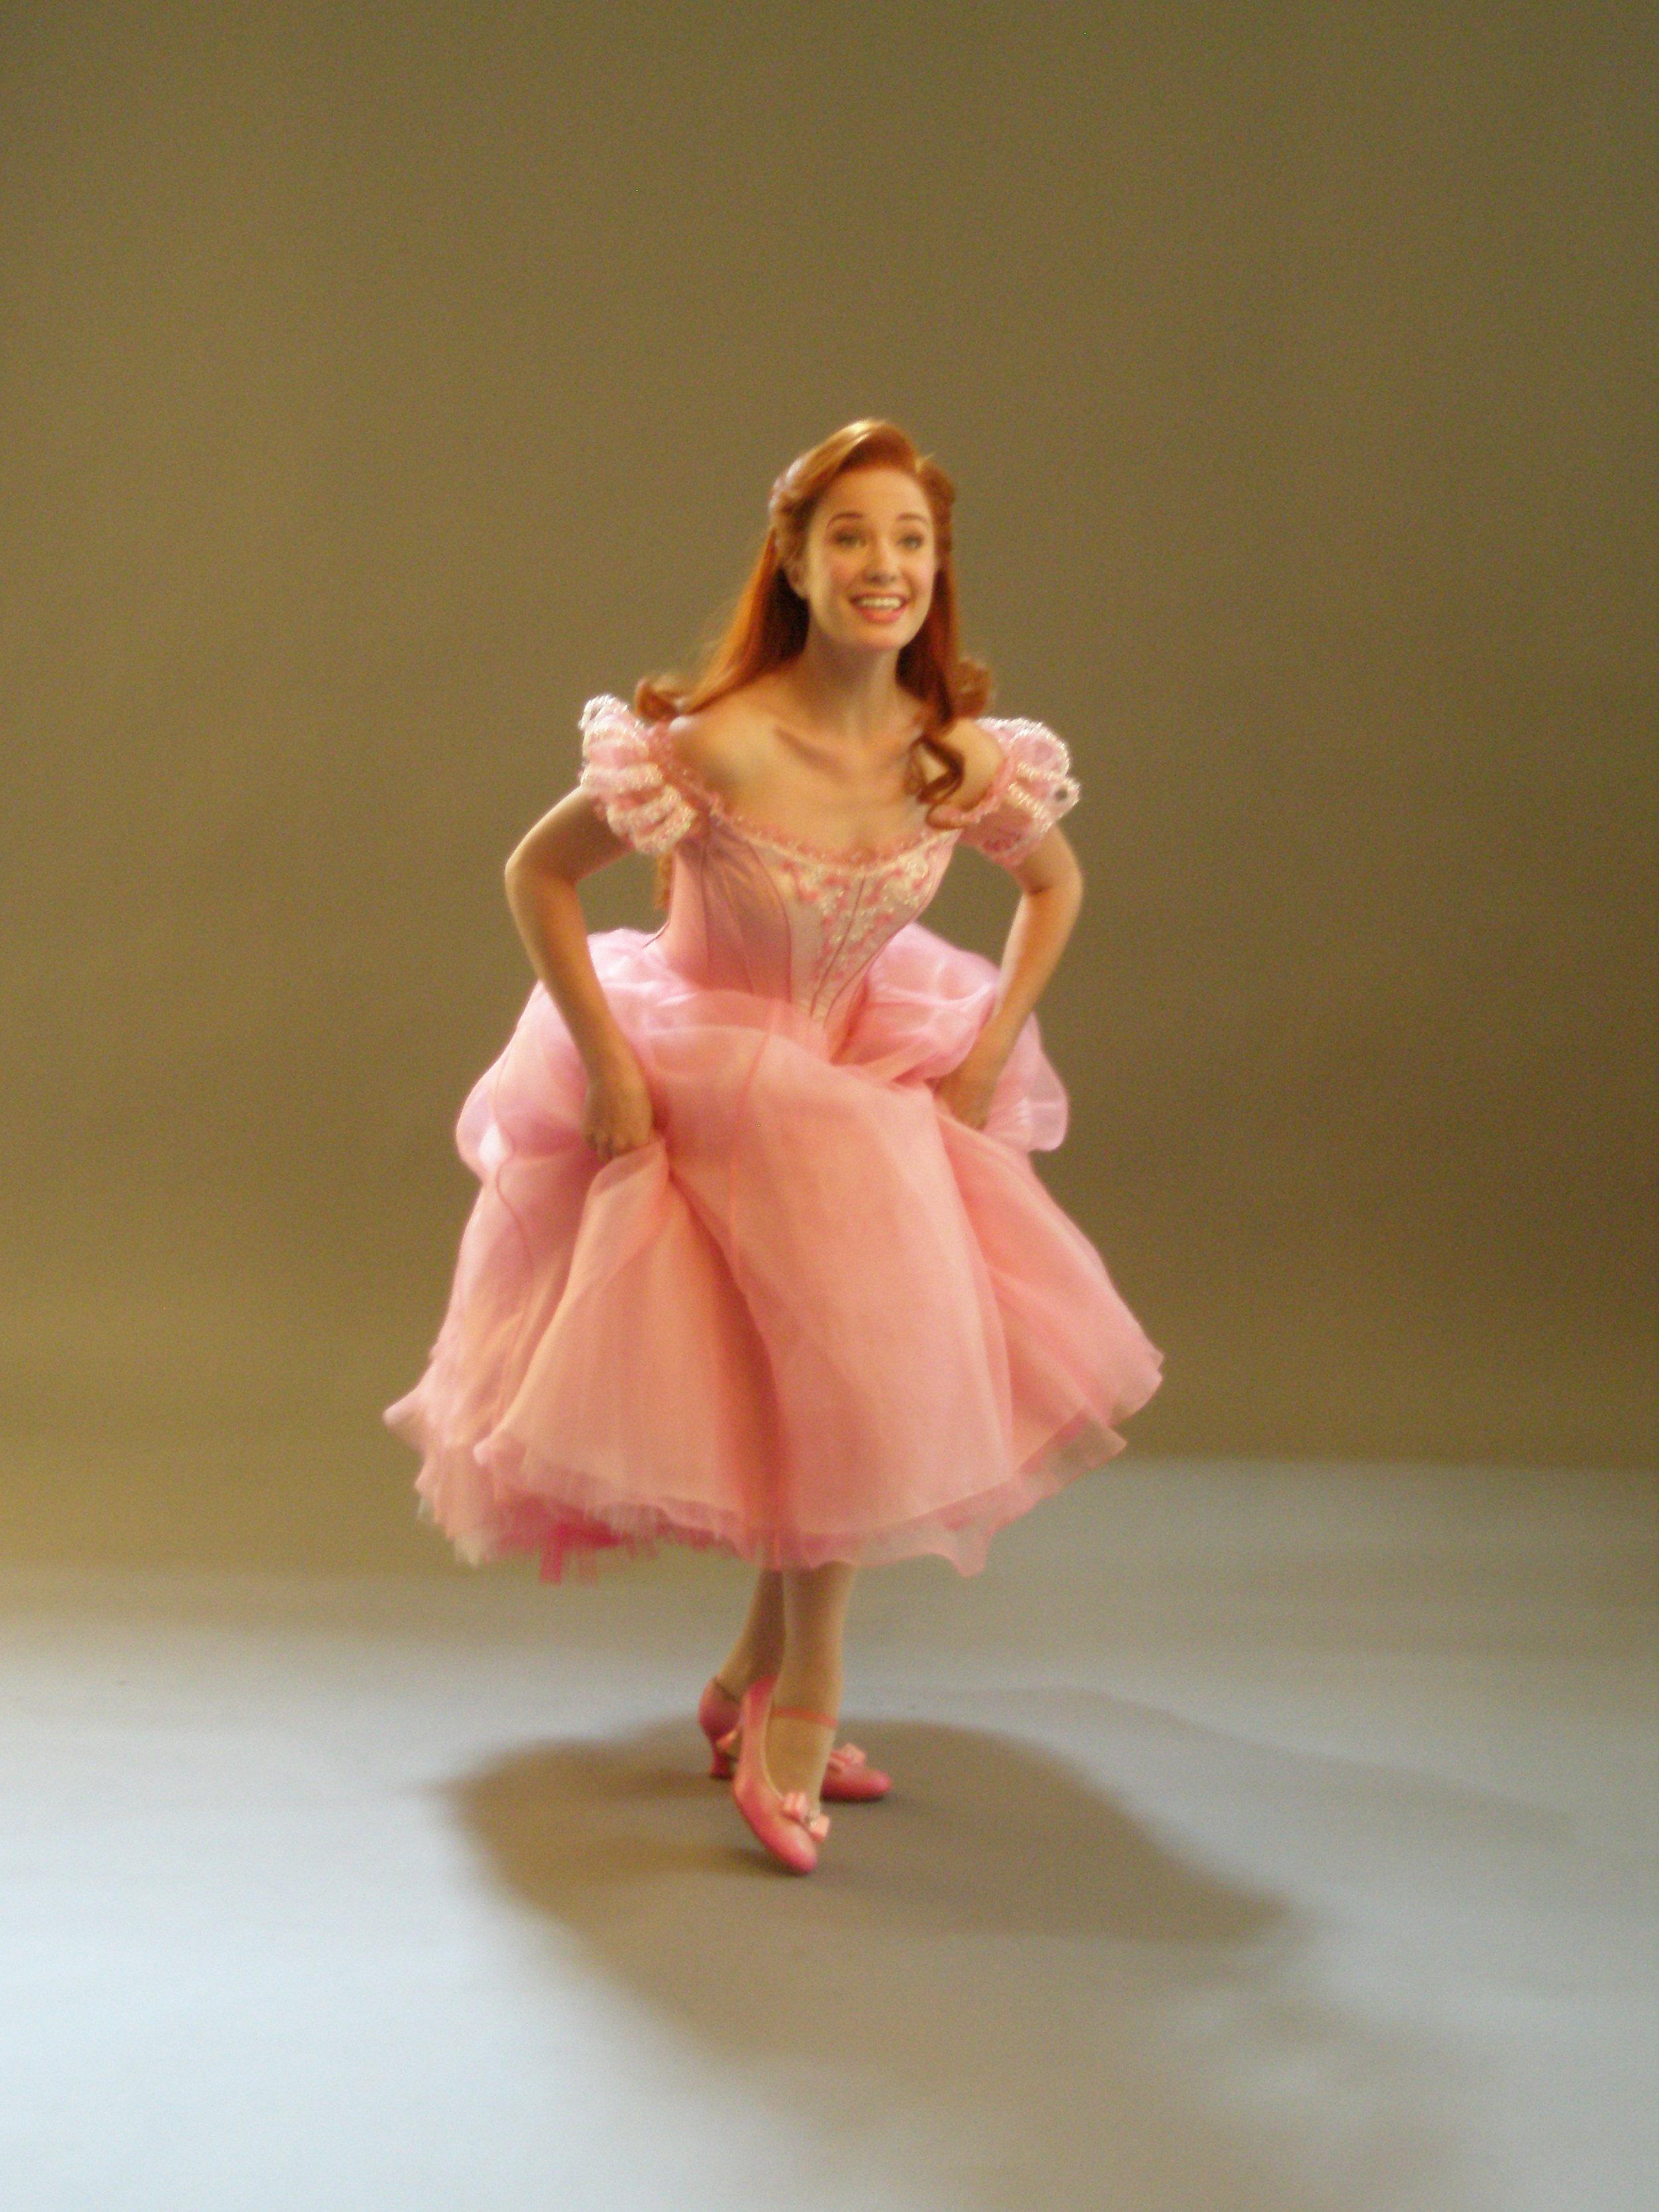 Sierra-Boggess-Little-Mermaid-Broadway-Denver Photo Call 9-7-2007 (21).JPG